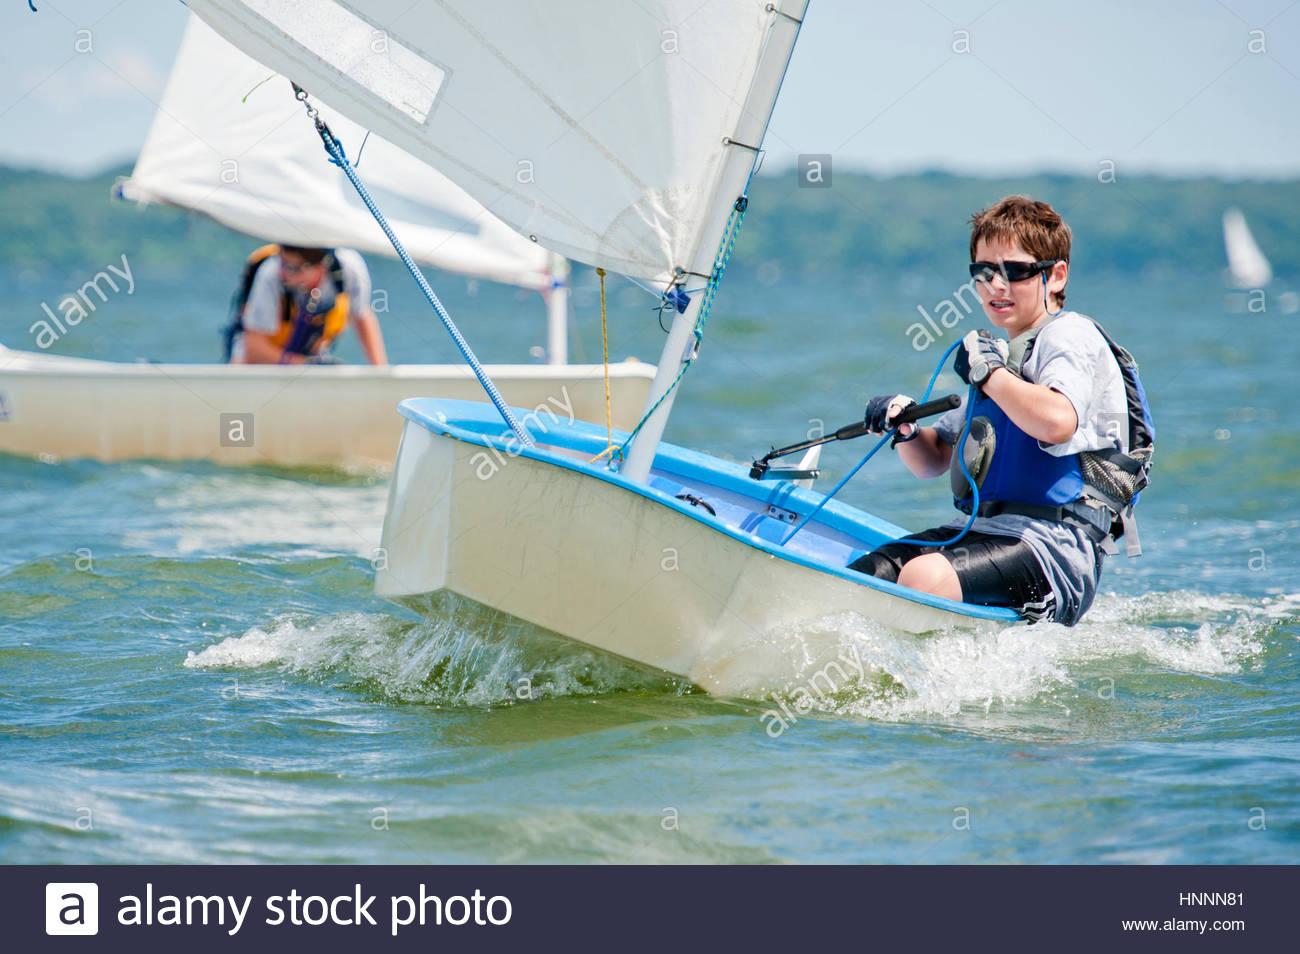 Ragazzo Vela Barca a vela in mare Immagini Stock